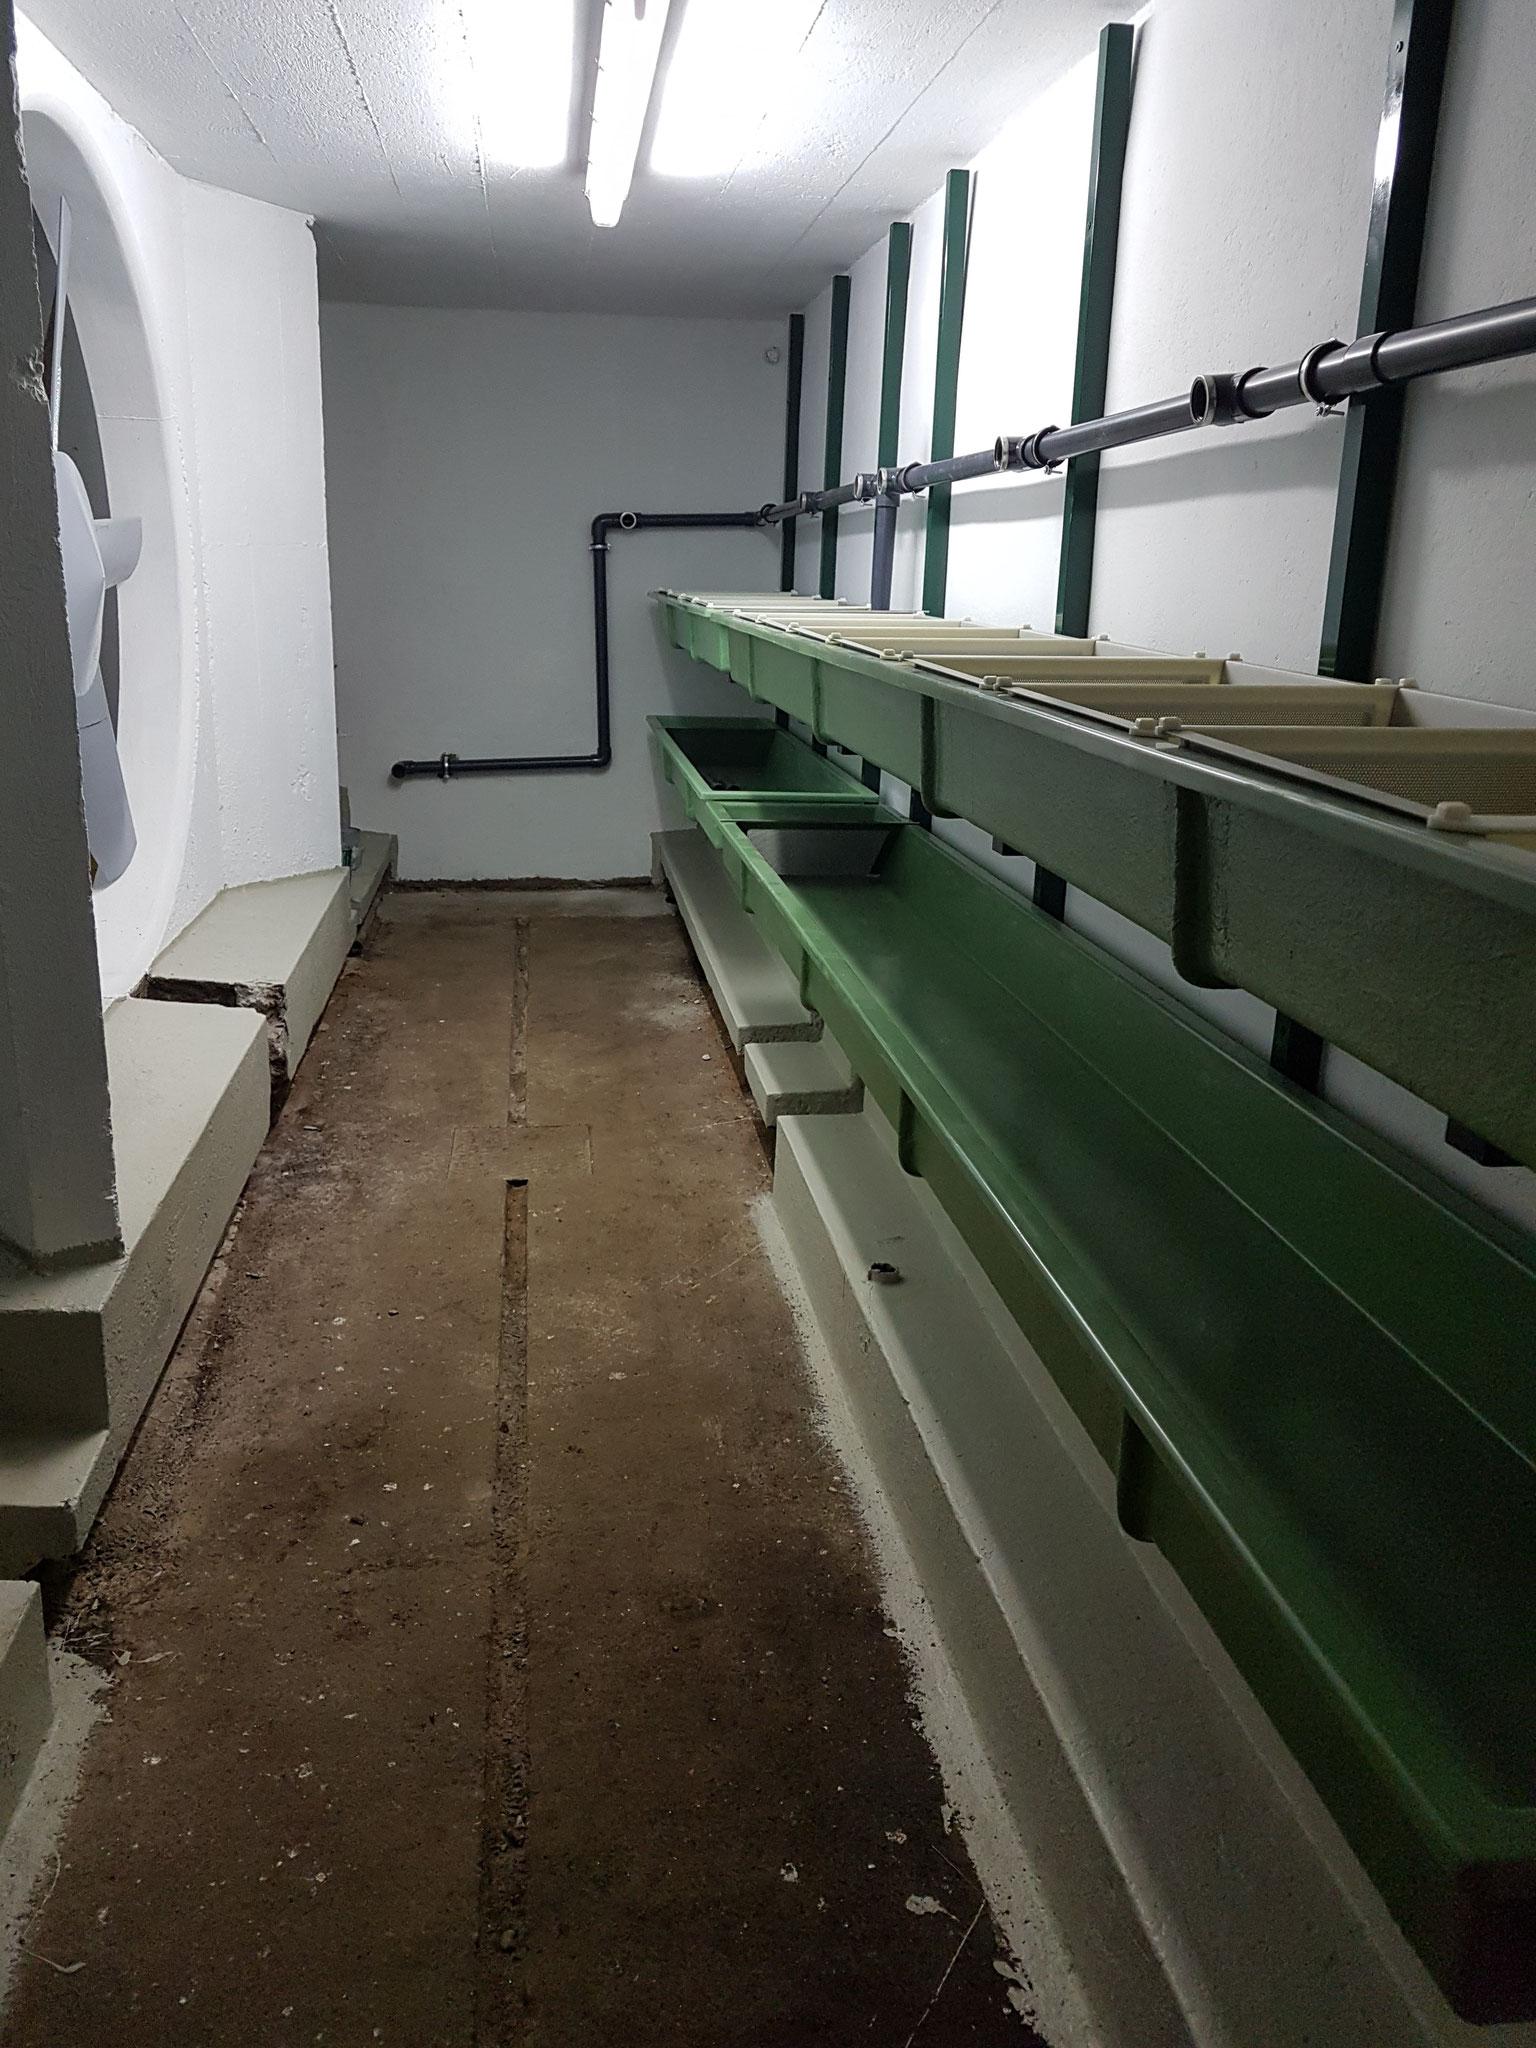 08.09.2018 Montage Brutrinnen und Frischwasserleitung